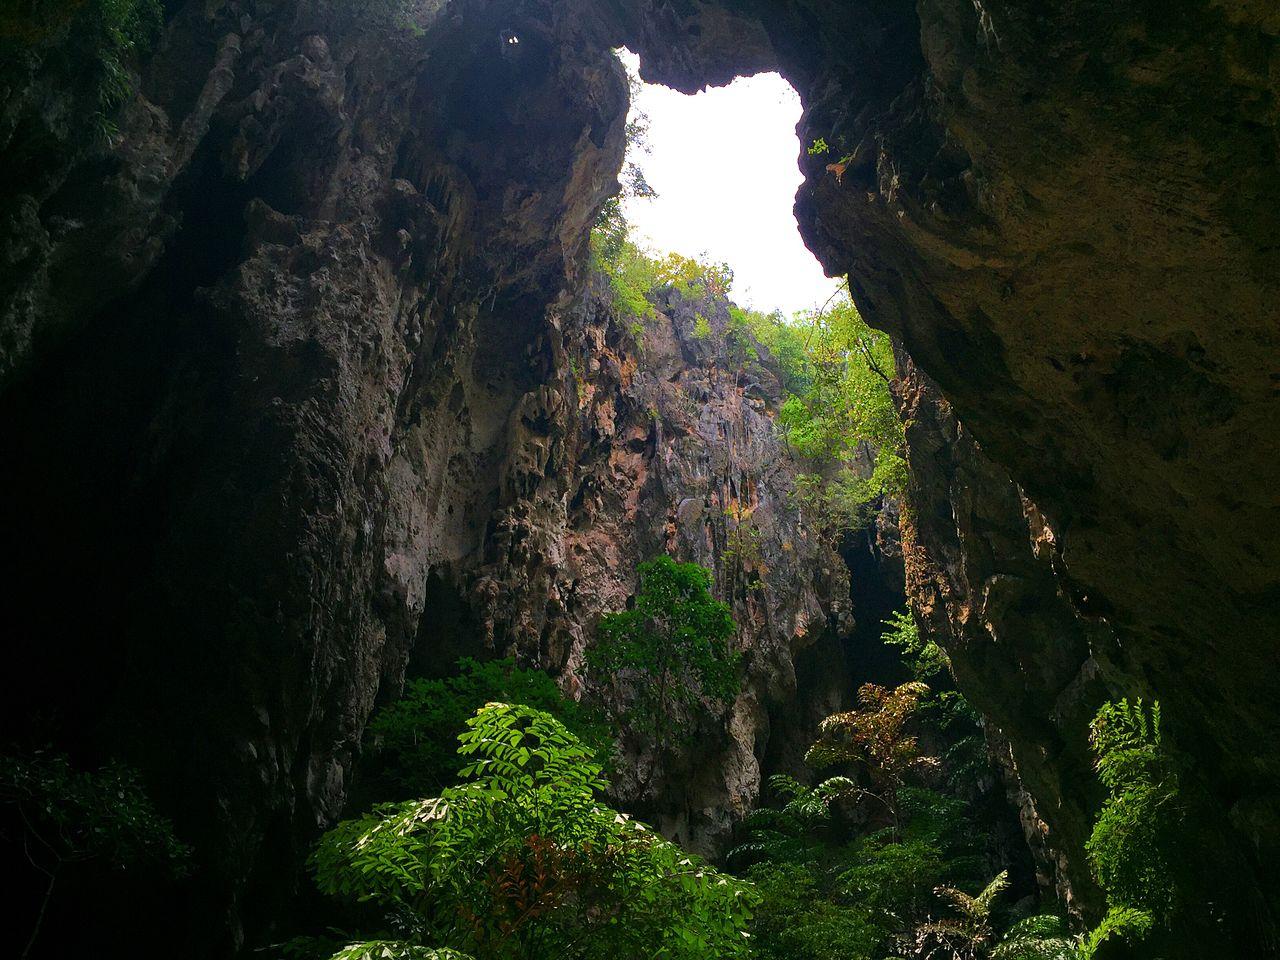 File:Beautiful of nature.jpg - Wikimedia Commons